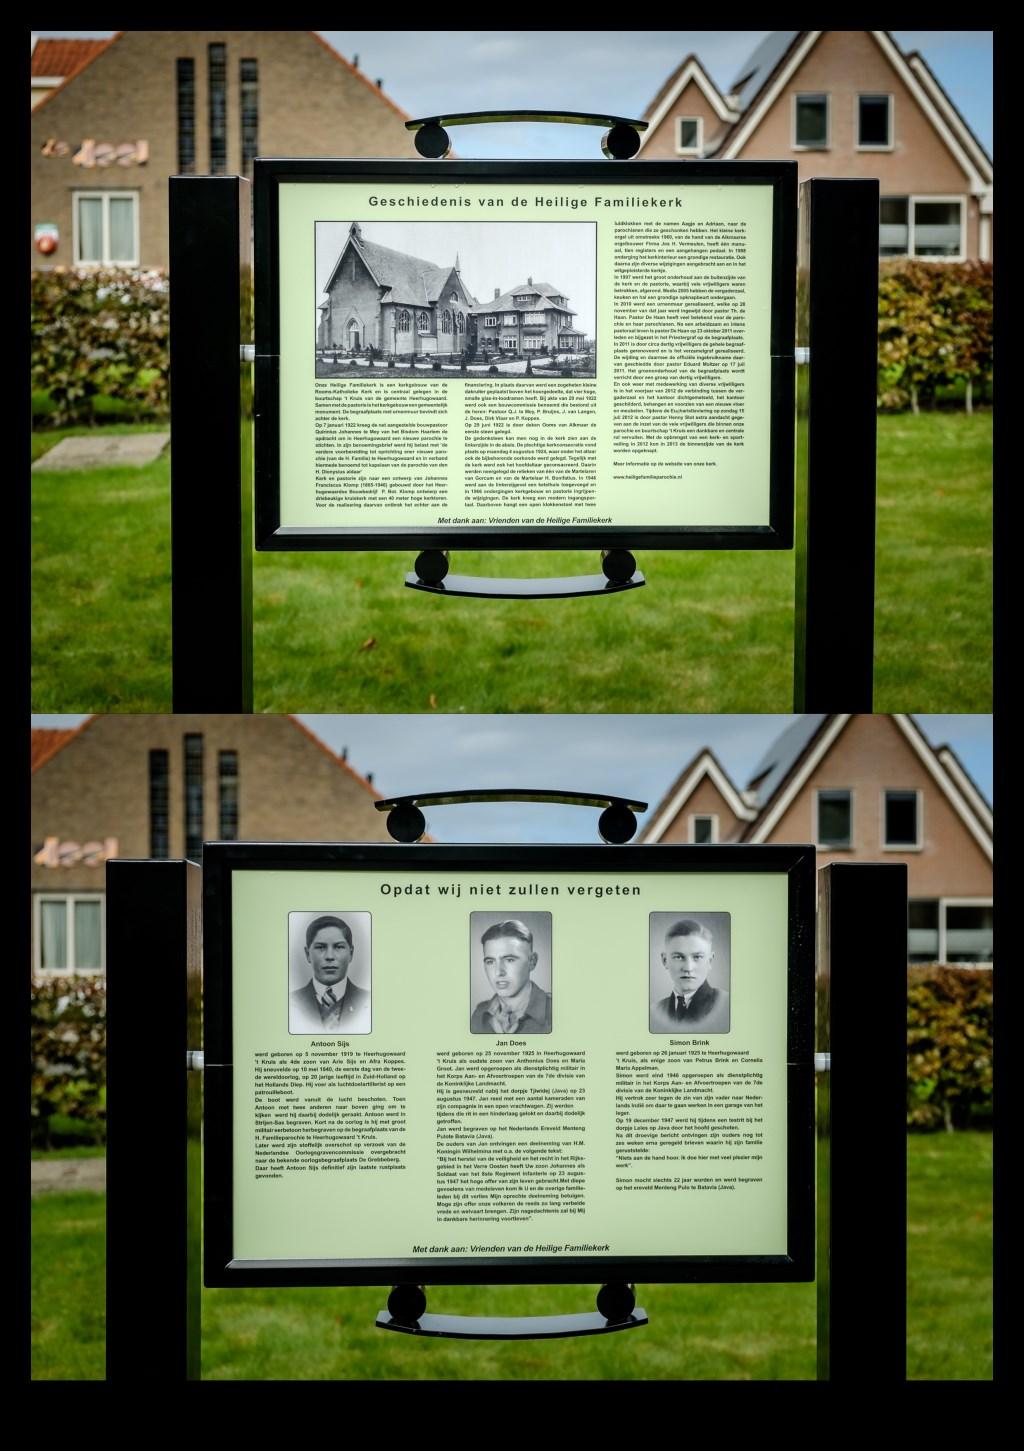 Een collage van het informatiebord, met boven de zijde met de historie van de kerk en onder de zijde waarop de oorlogsslachtoffers geëerd worden. (Foto: Richard Rood) © rodi